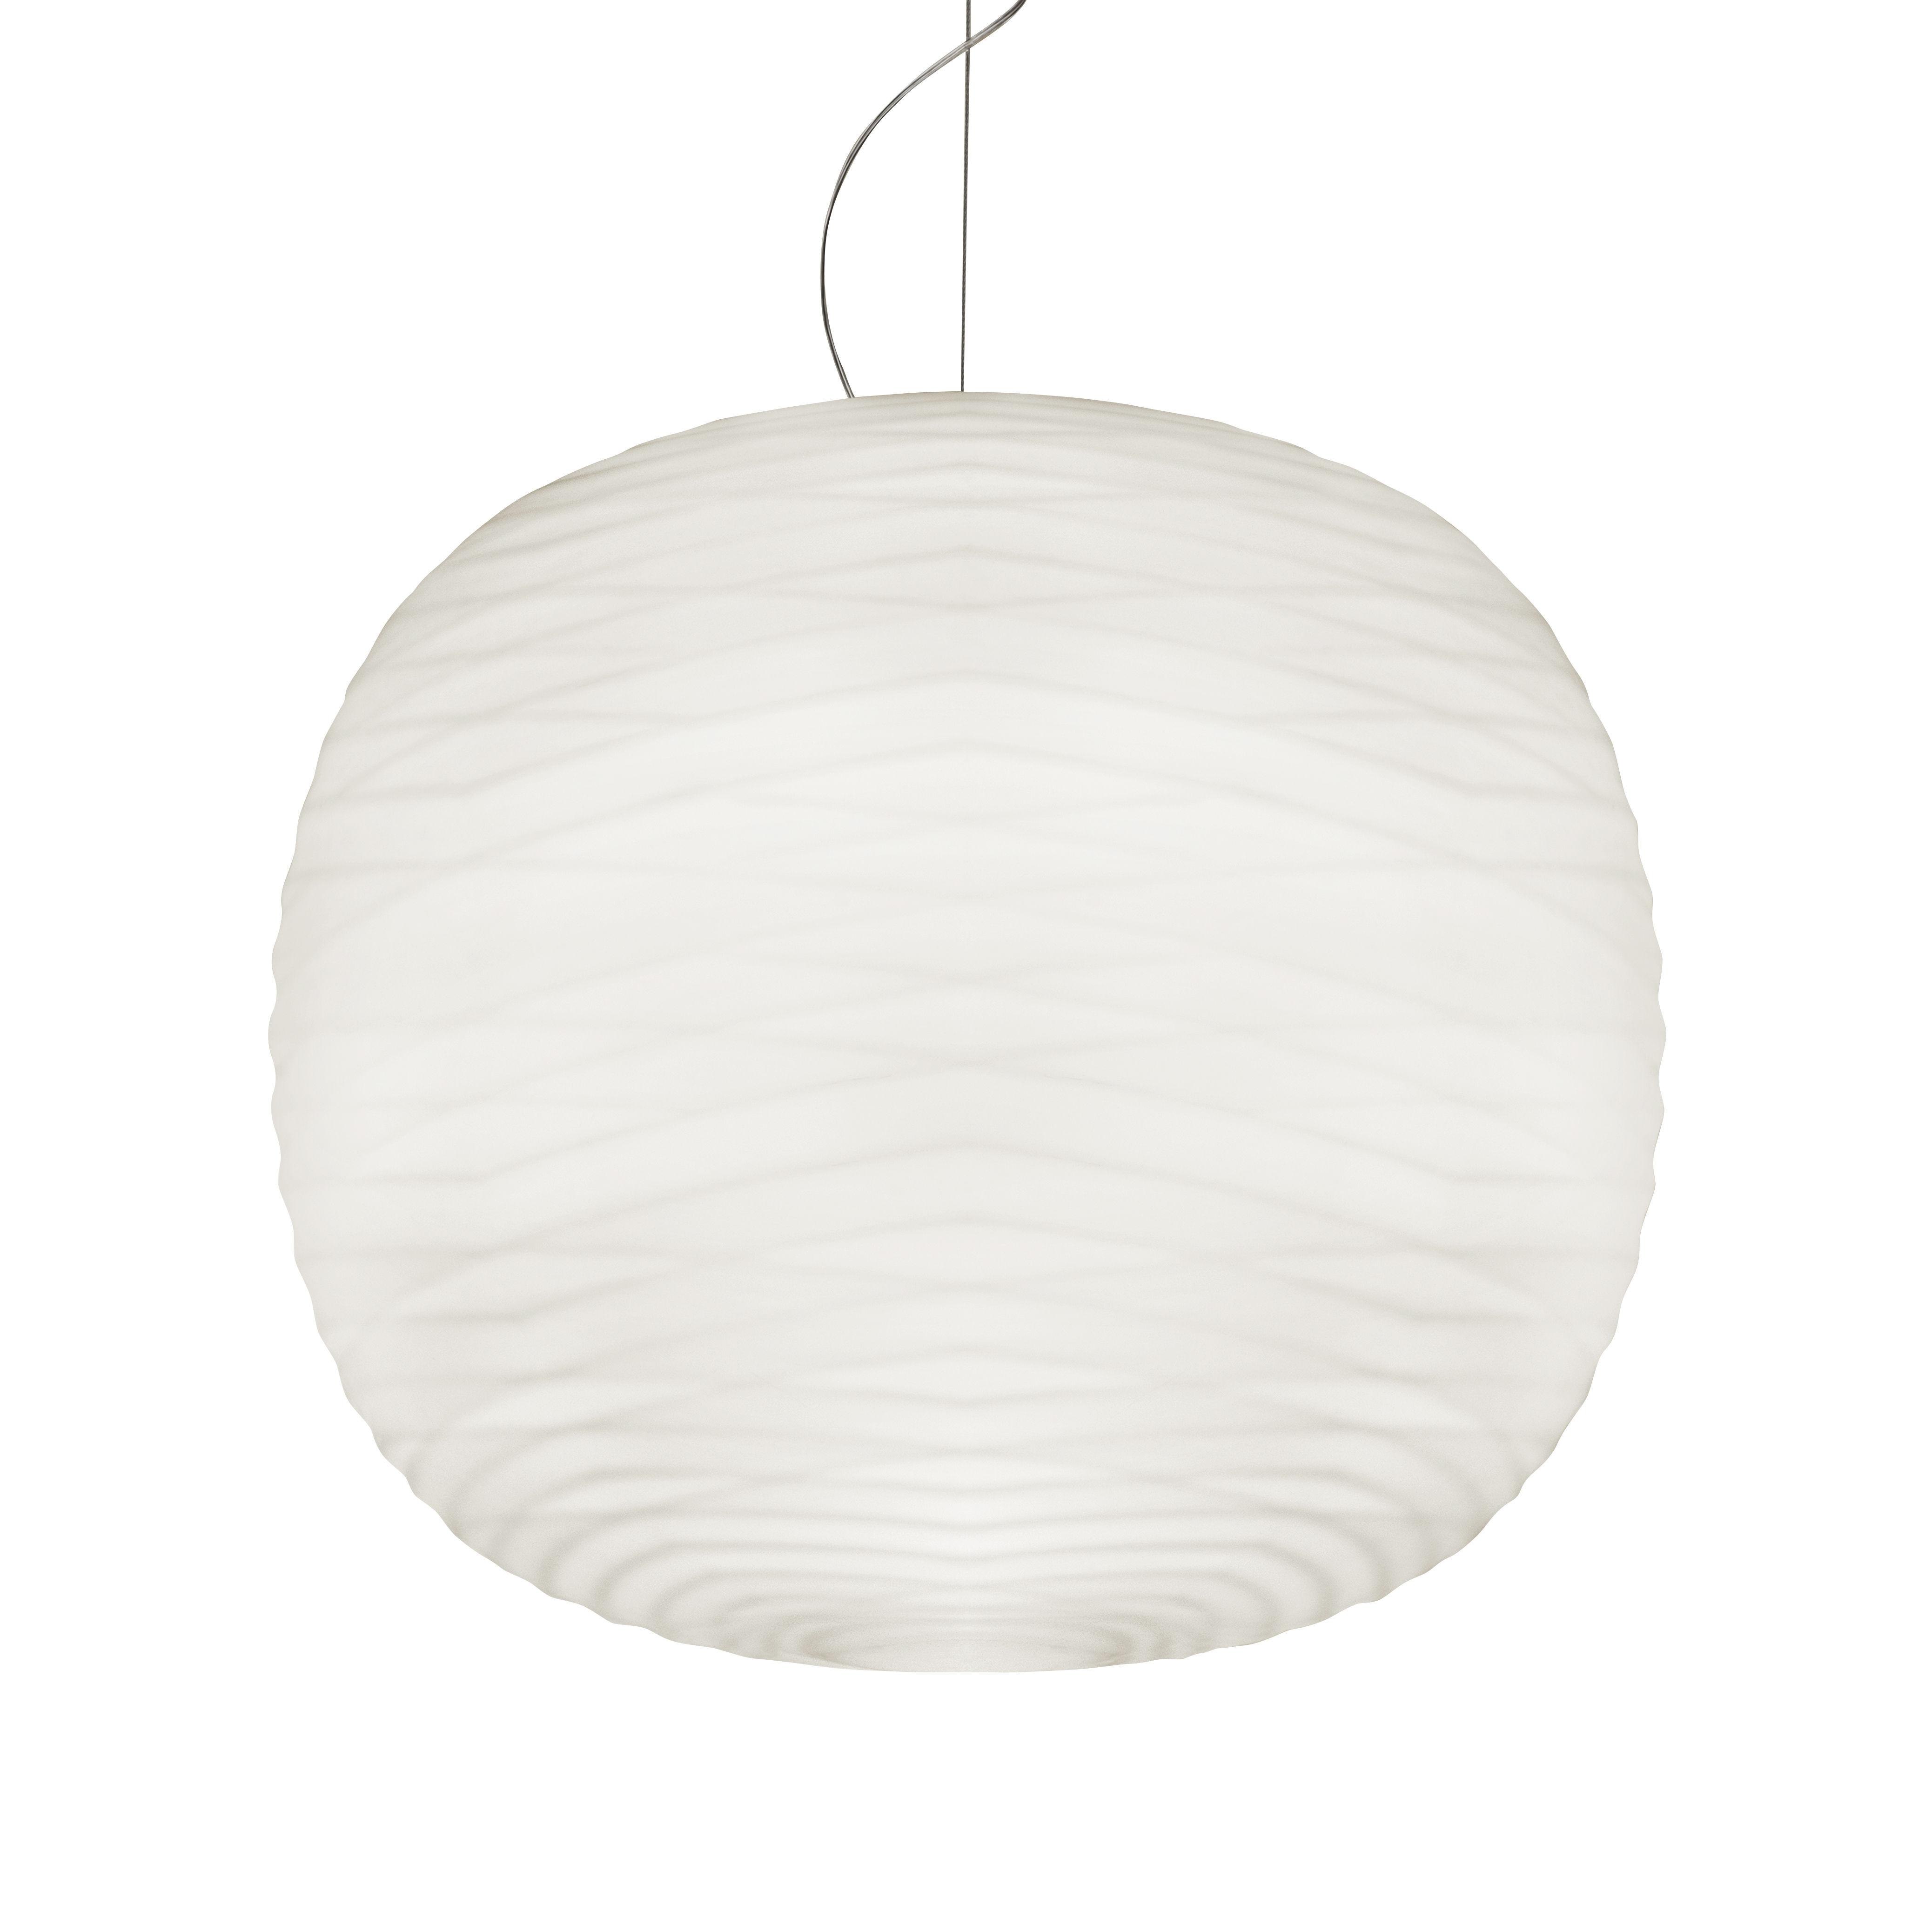 Luminaire - Suspensions - Suspension Gem LED My Light / Verre soufflé - Bluetooth - Foscarini - Verre blanc / Rosace gris graphite - Verre soufflé satiné